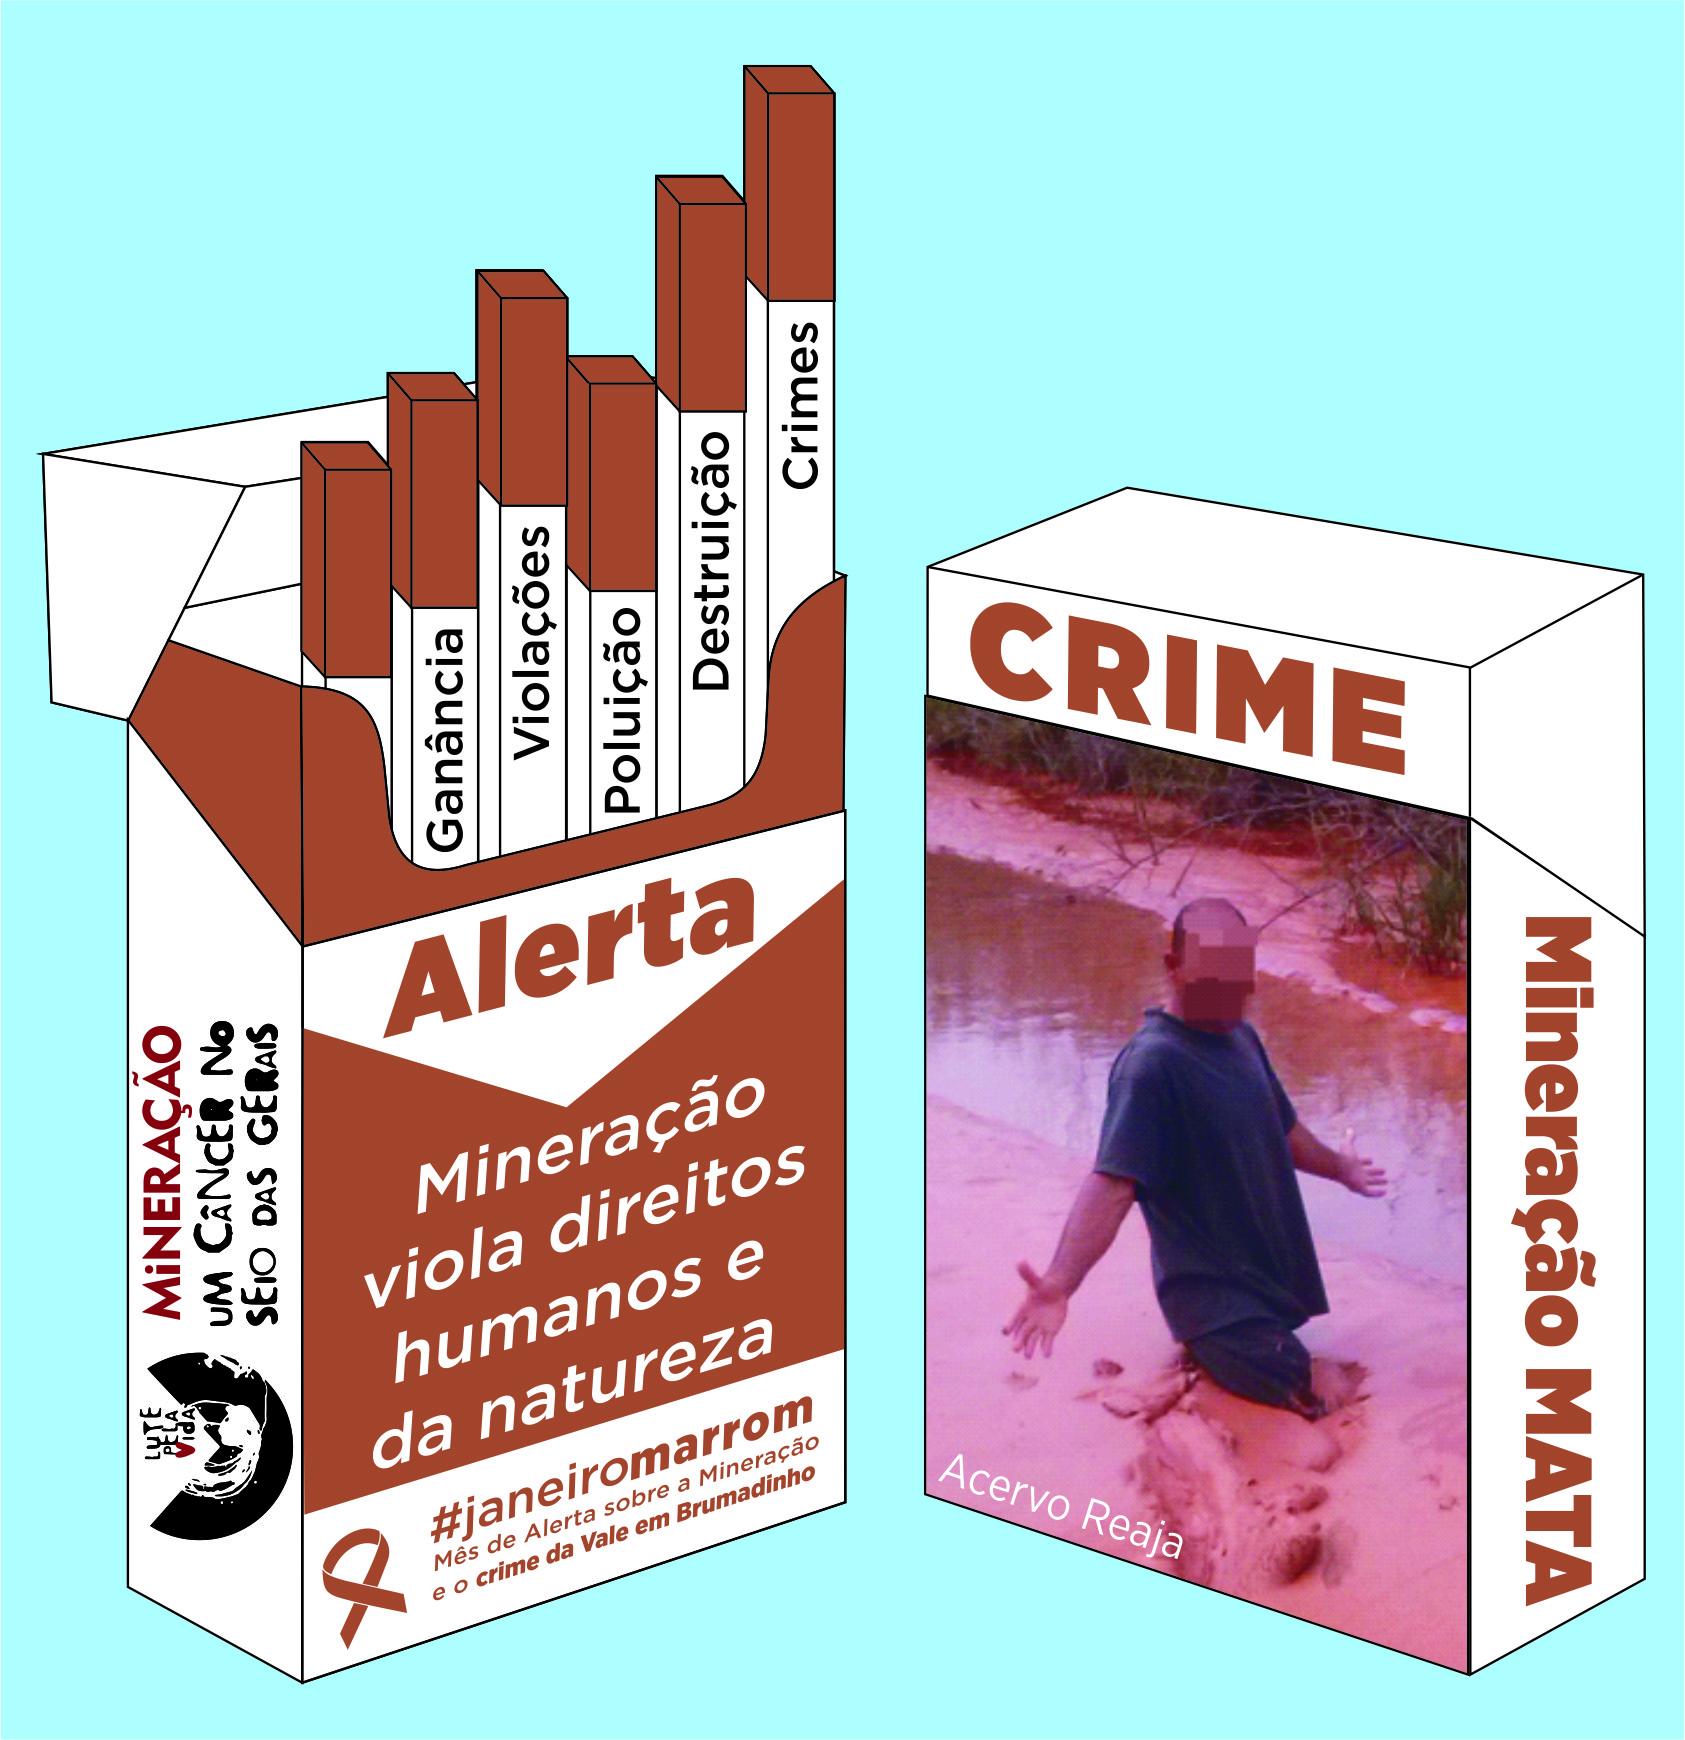 cigarro010 portugues